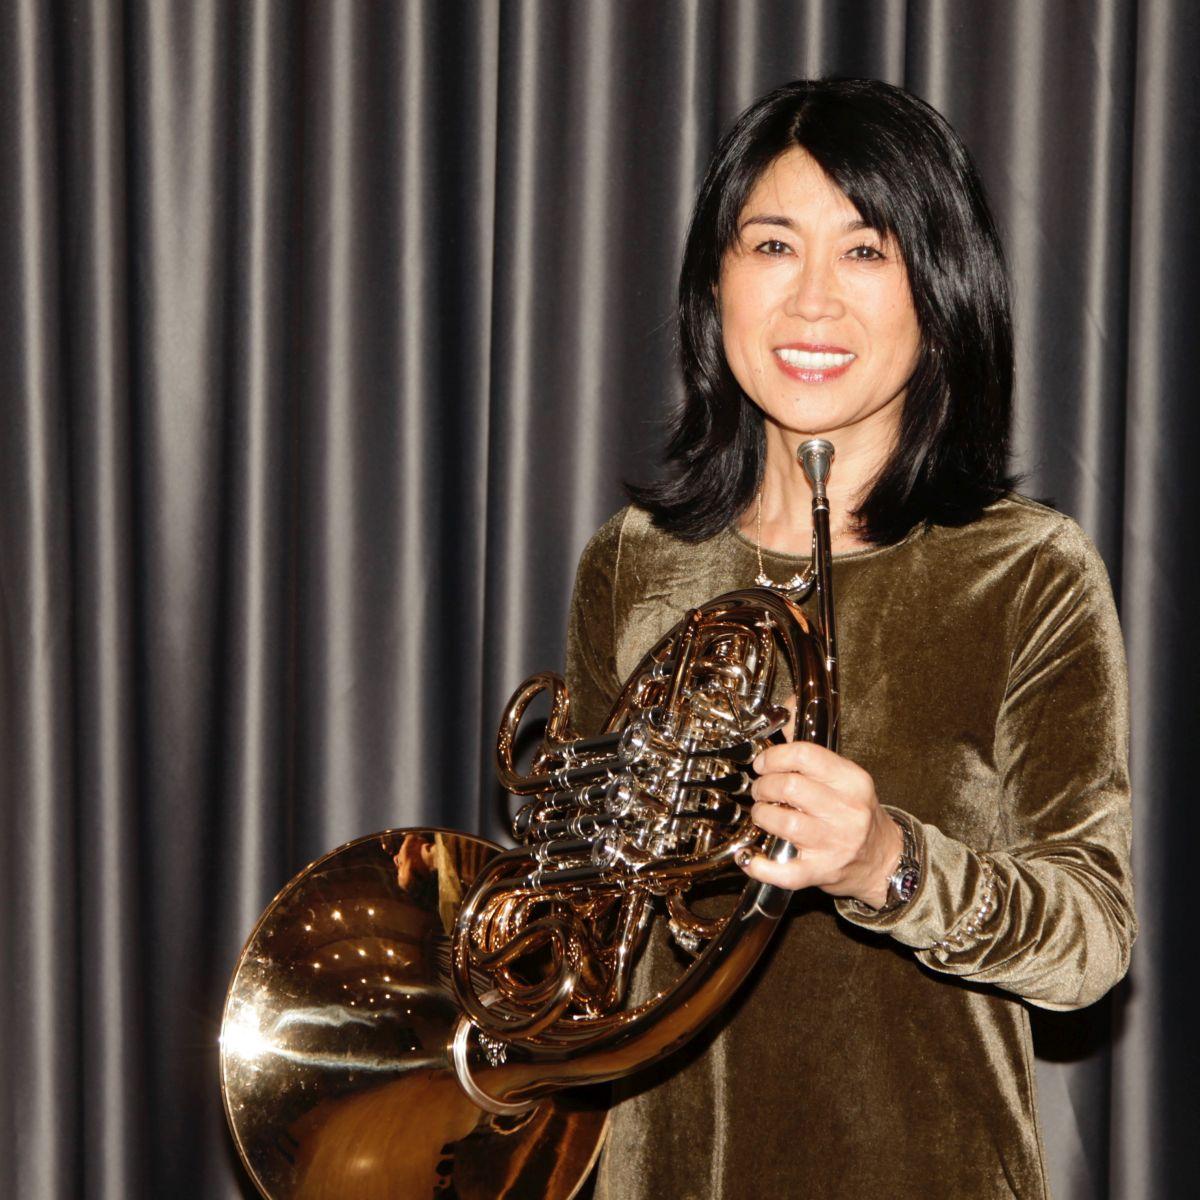 Bild von Takako Yamanoi mit Waldhorn